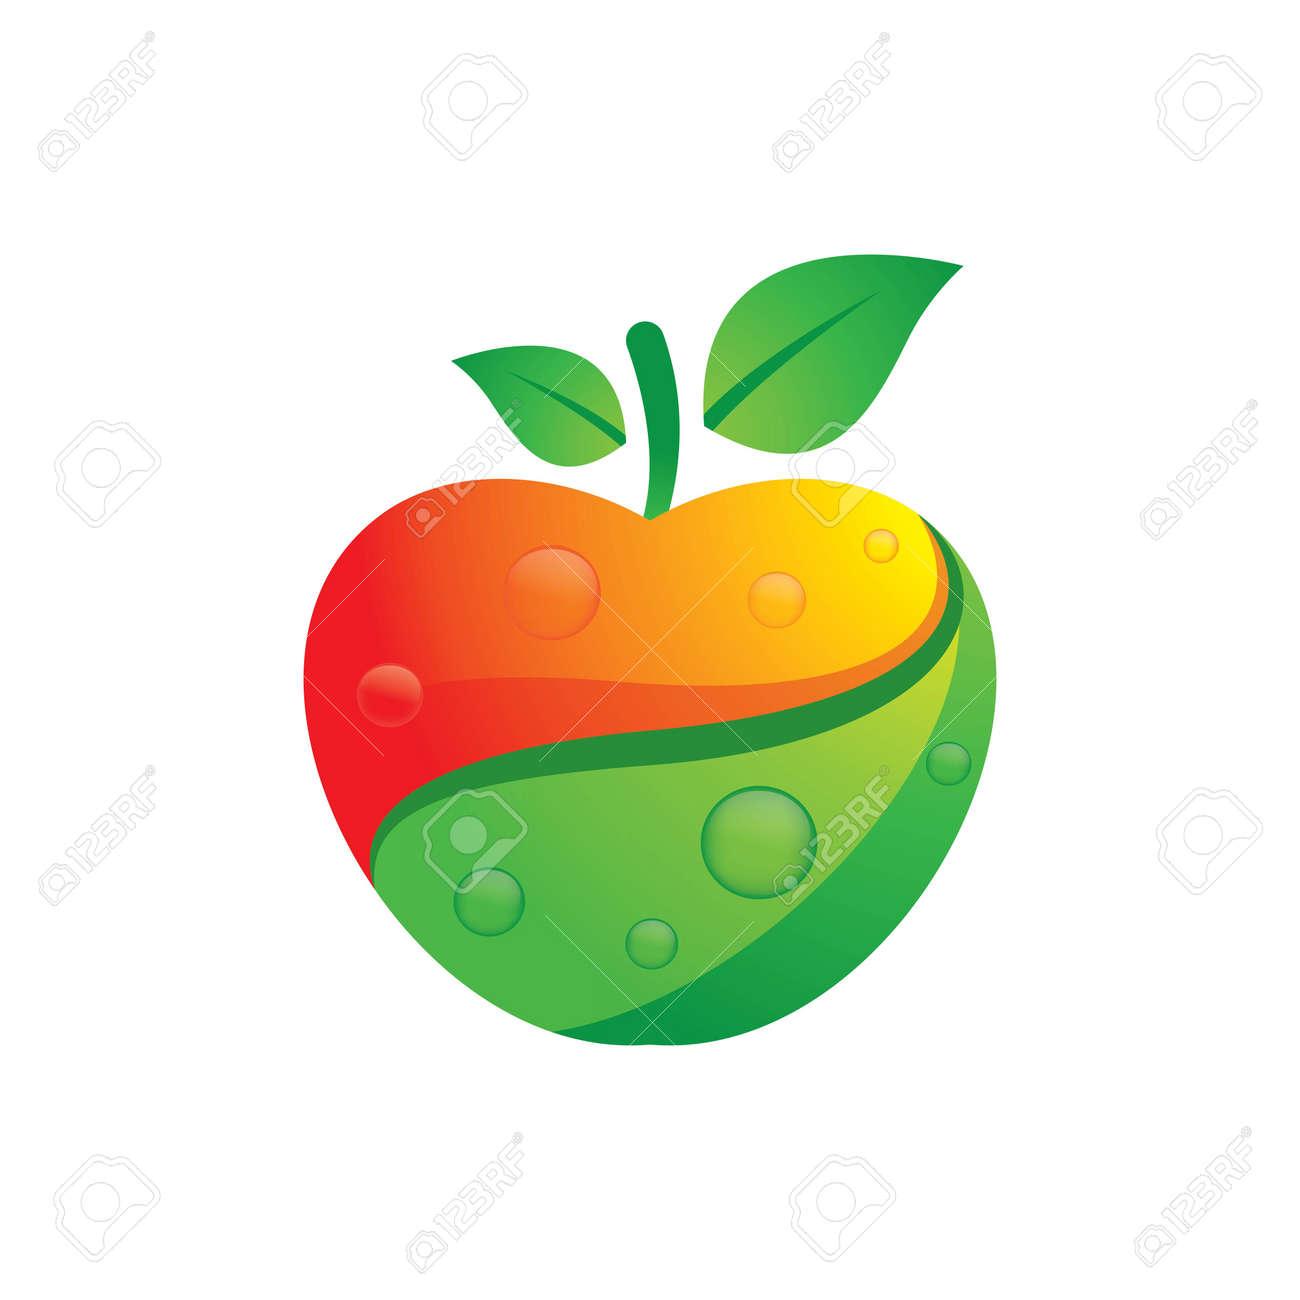 Apple logo images illustration design - 169624646